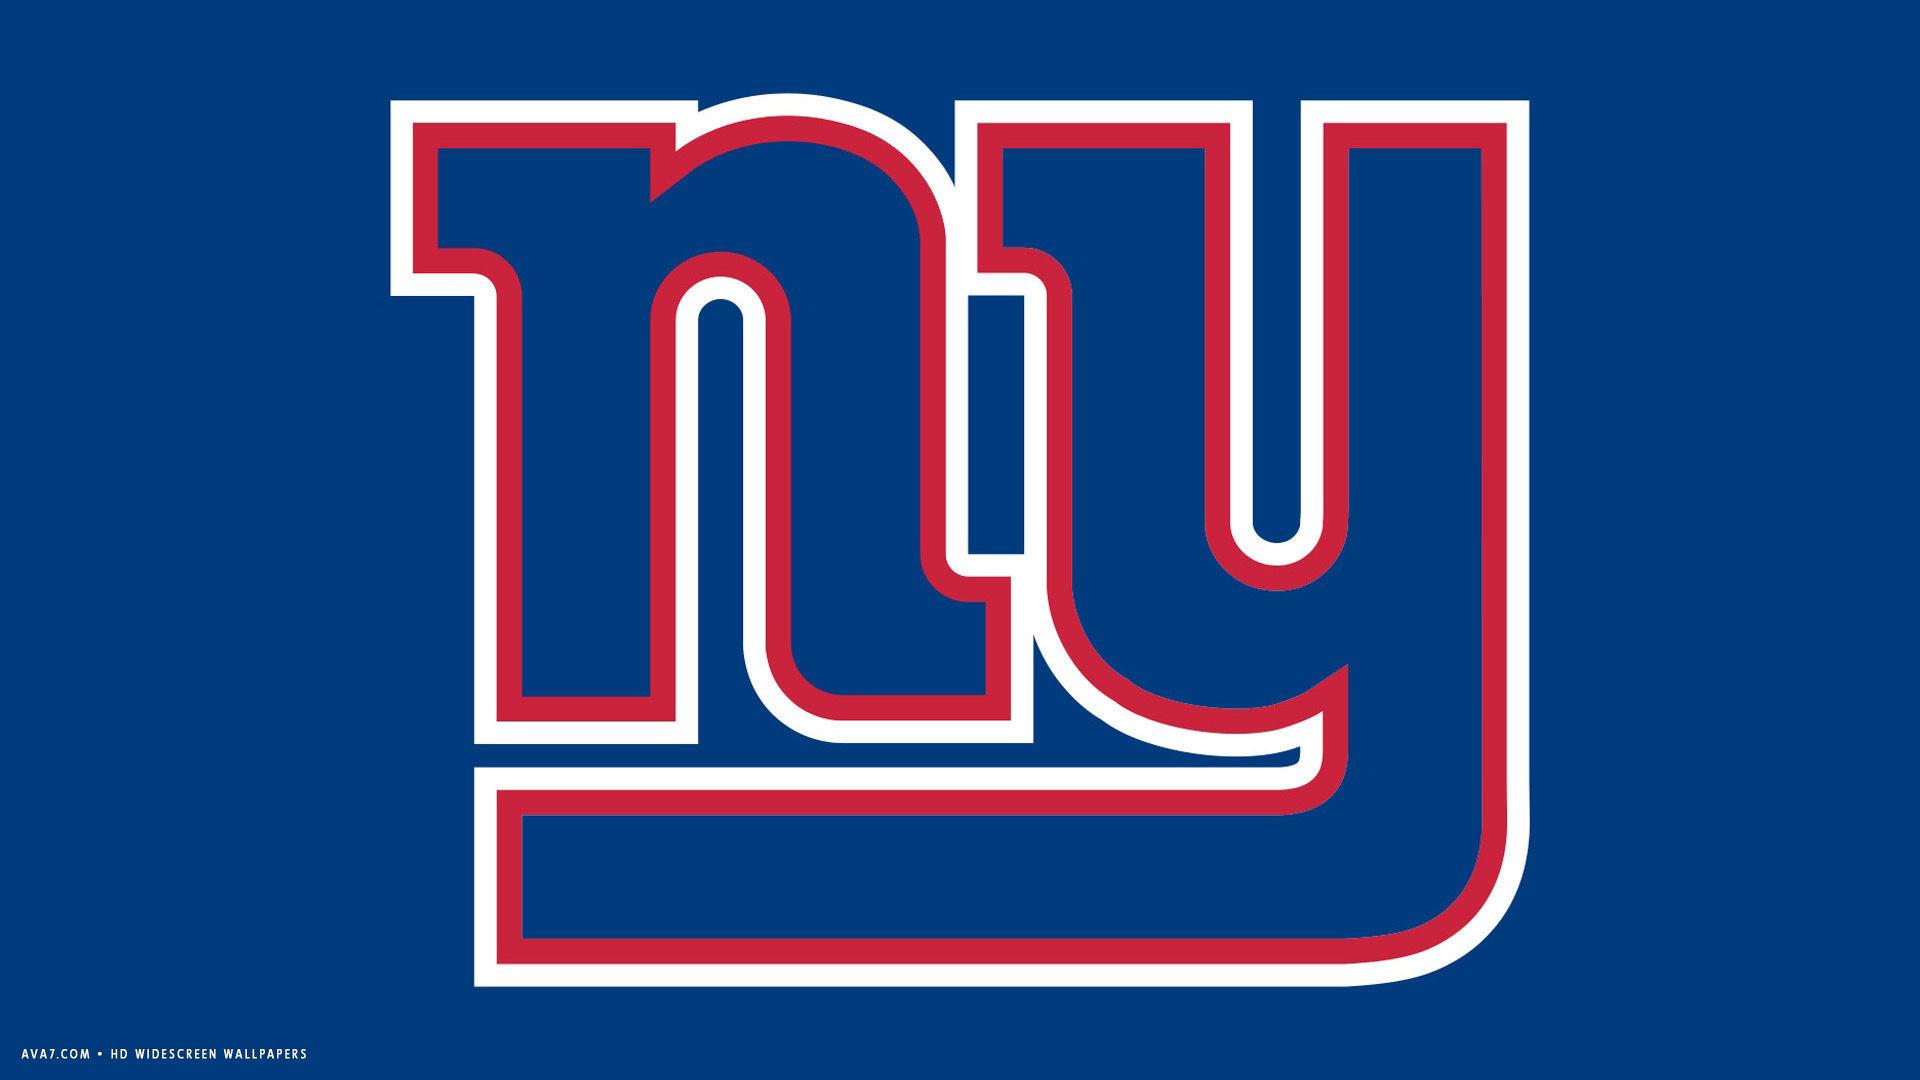 ny giants logo hd wallpaper ny giants logo hd wallpaper; new york giants nfl  football team